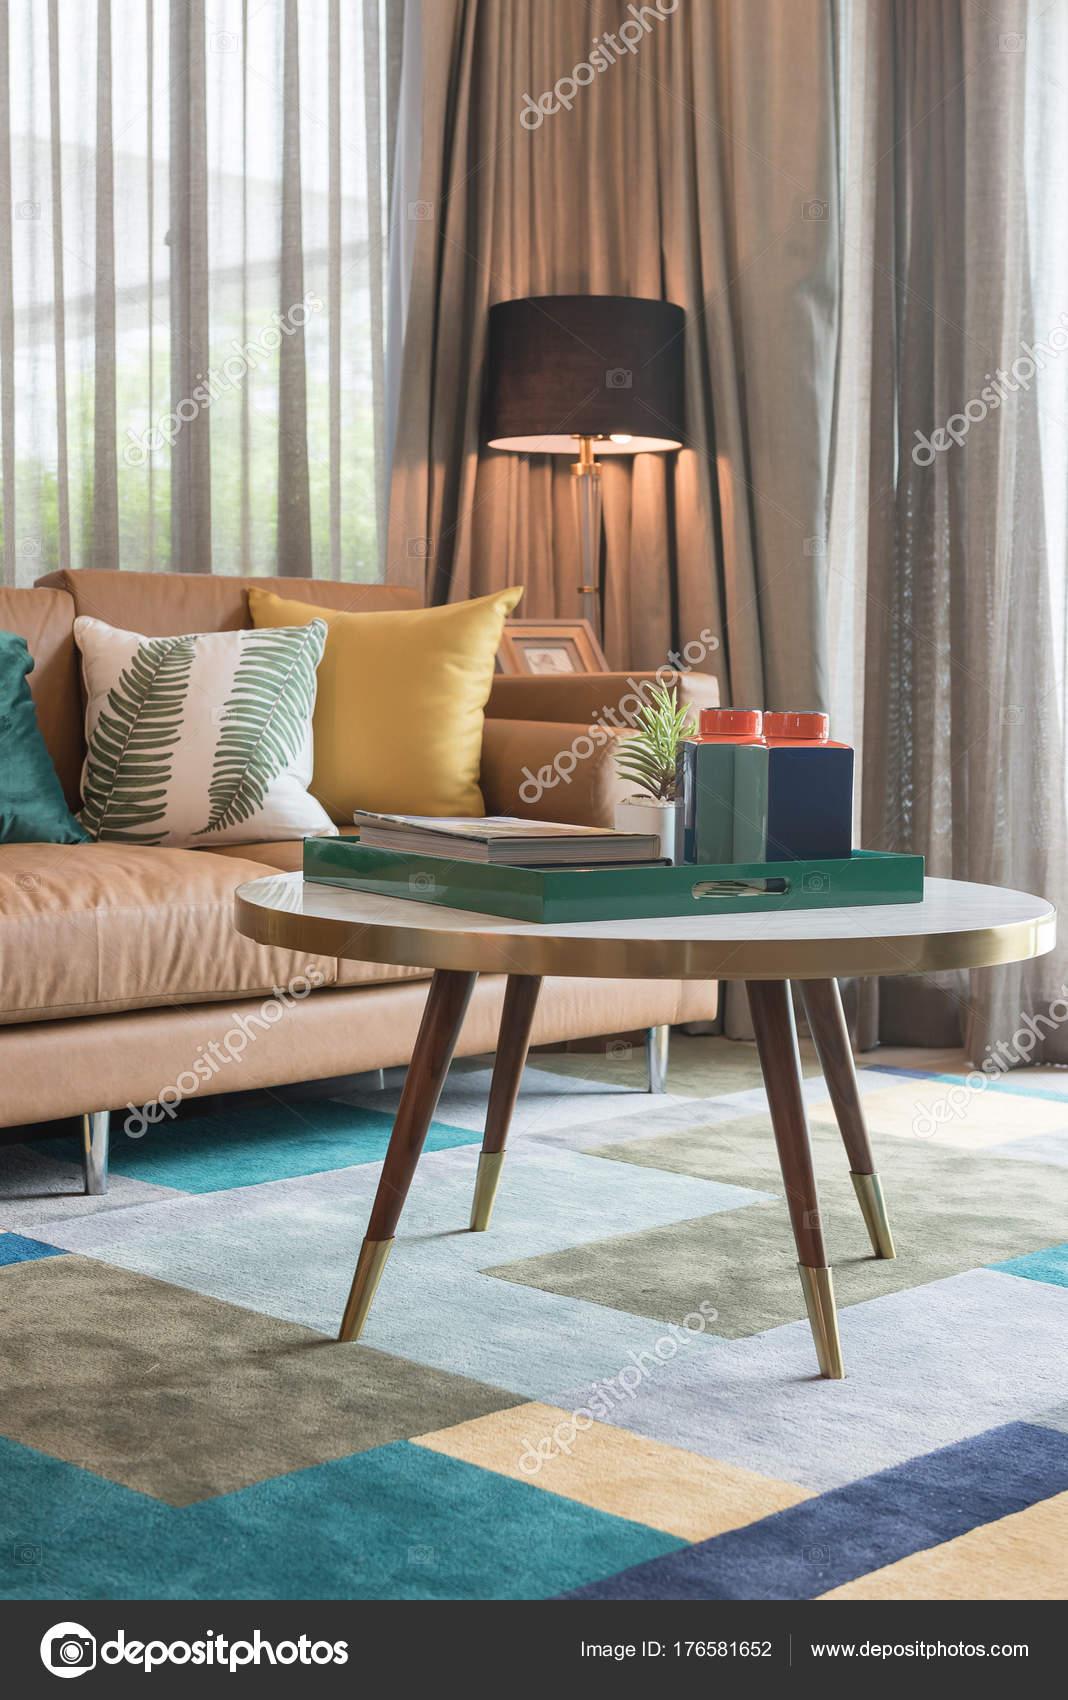 Moderne Wohnzimmer Stil Mit Kissen U2014 Stockfoto